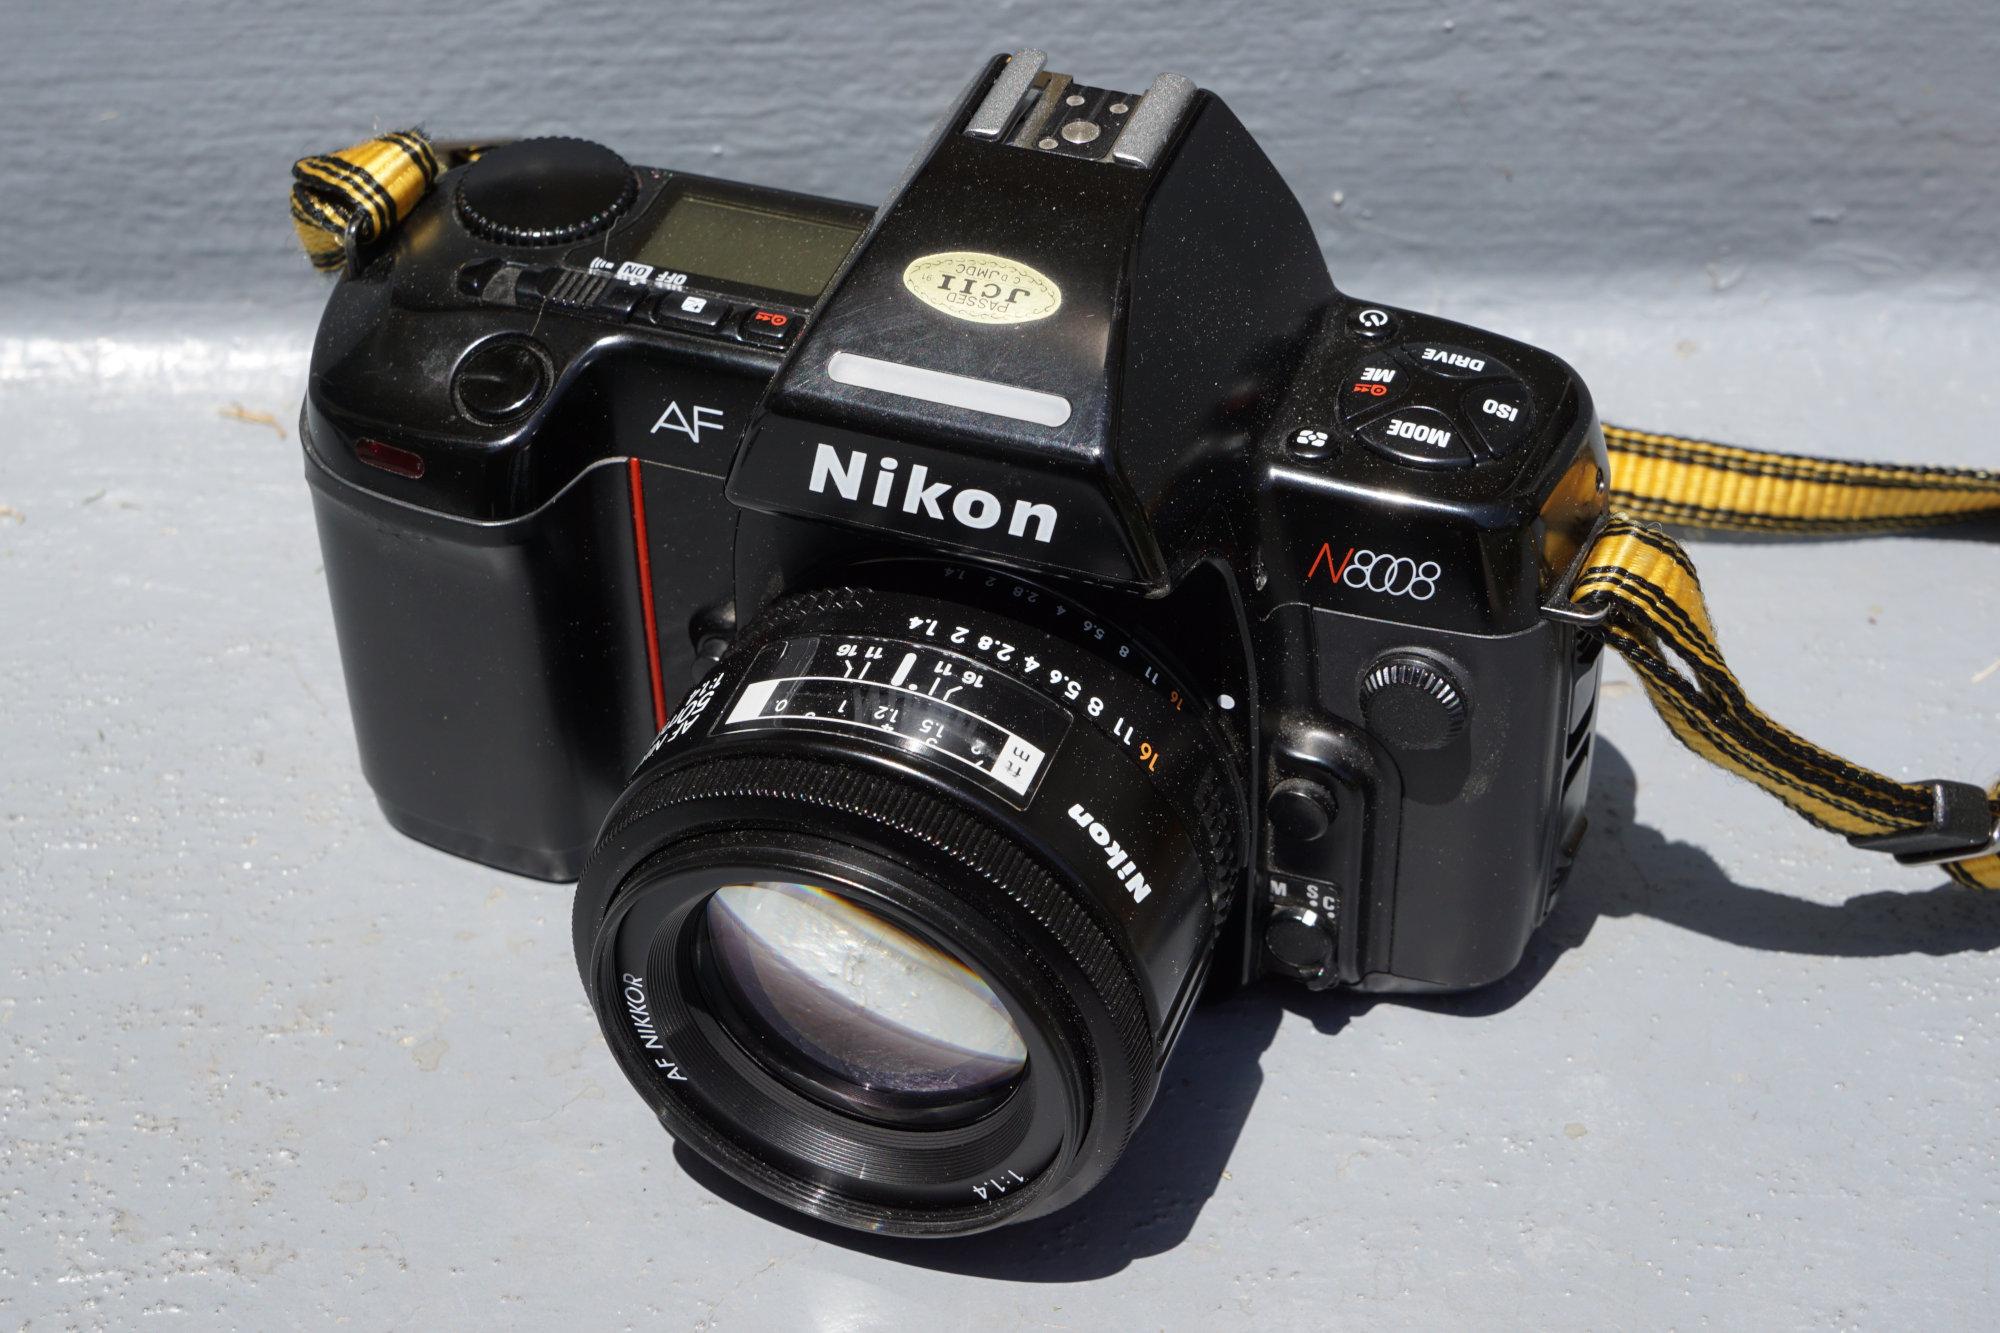 Nikon N8008 (Pic: Aaron Gold)